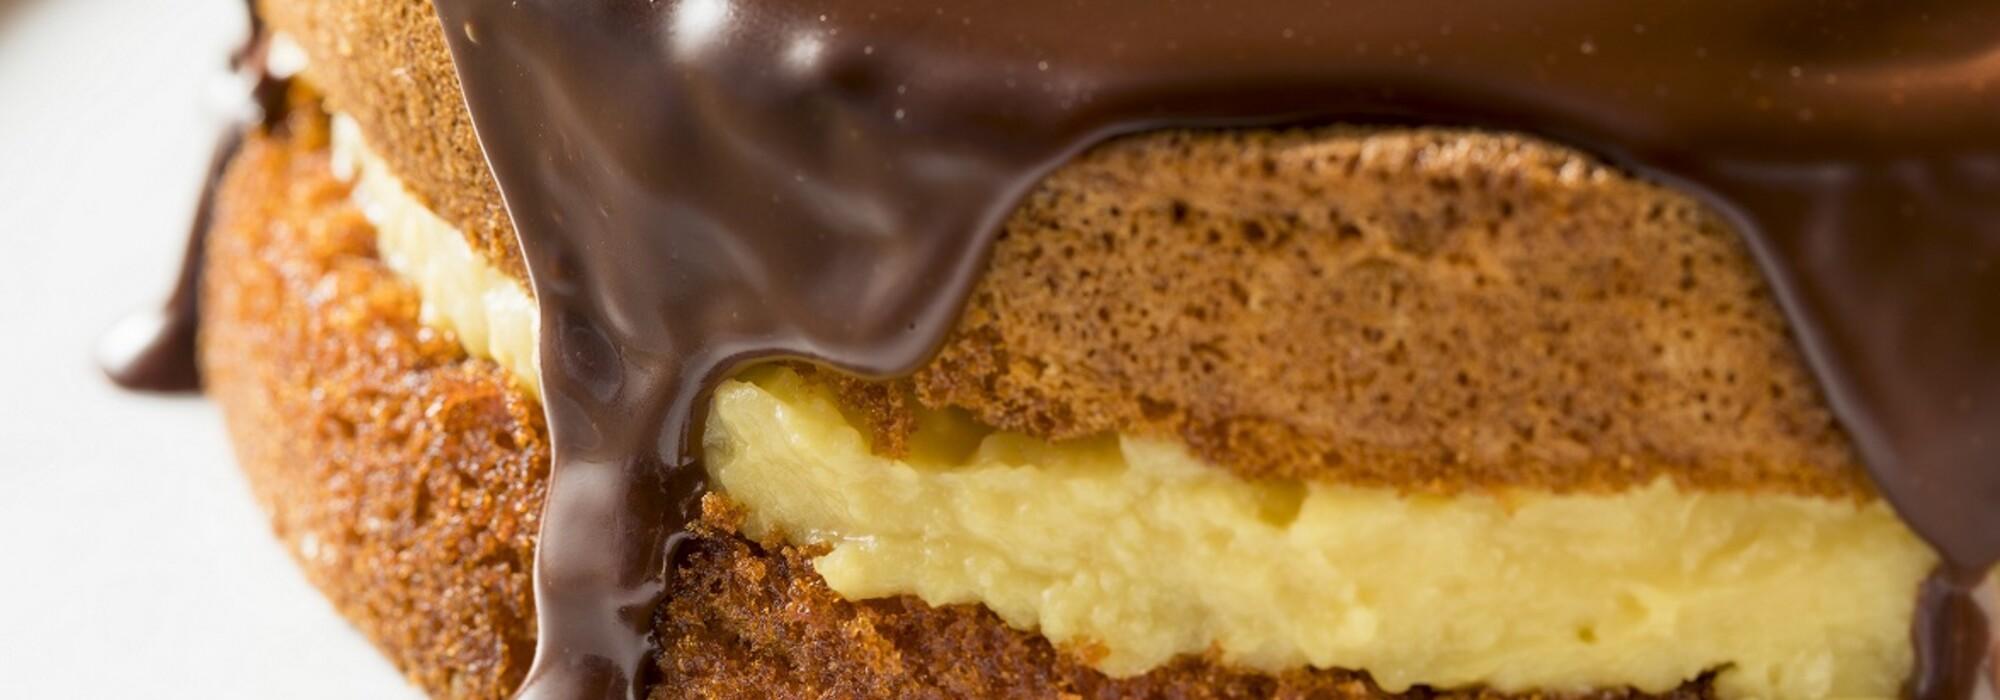 Koolhydraatarme en suikervrije Boston Cream Pie